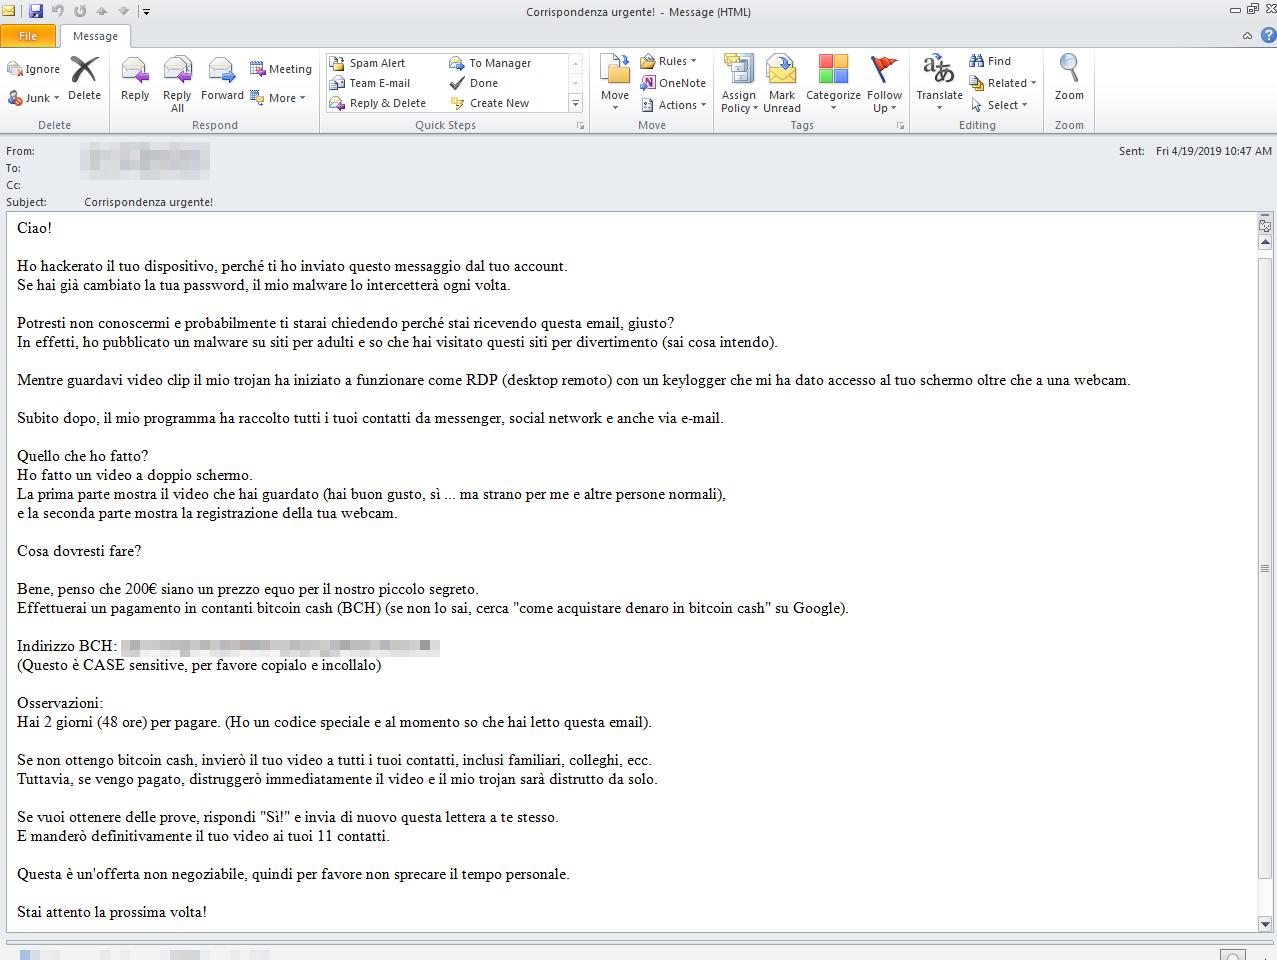 図3:イタリア語を話すユーザを狙ったセクストーションメール